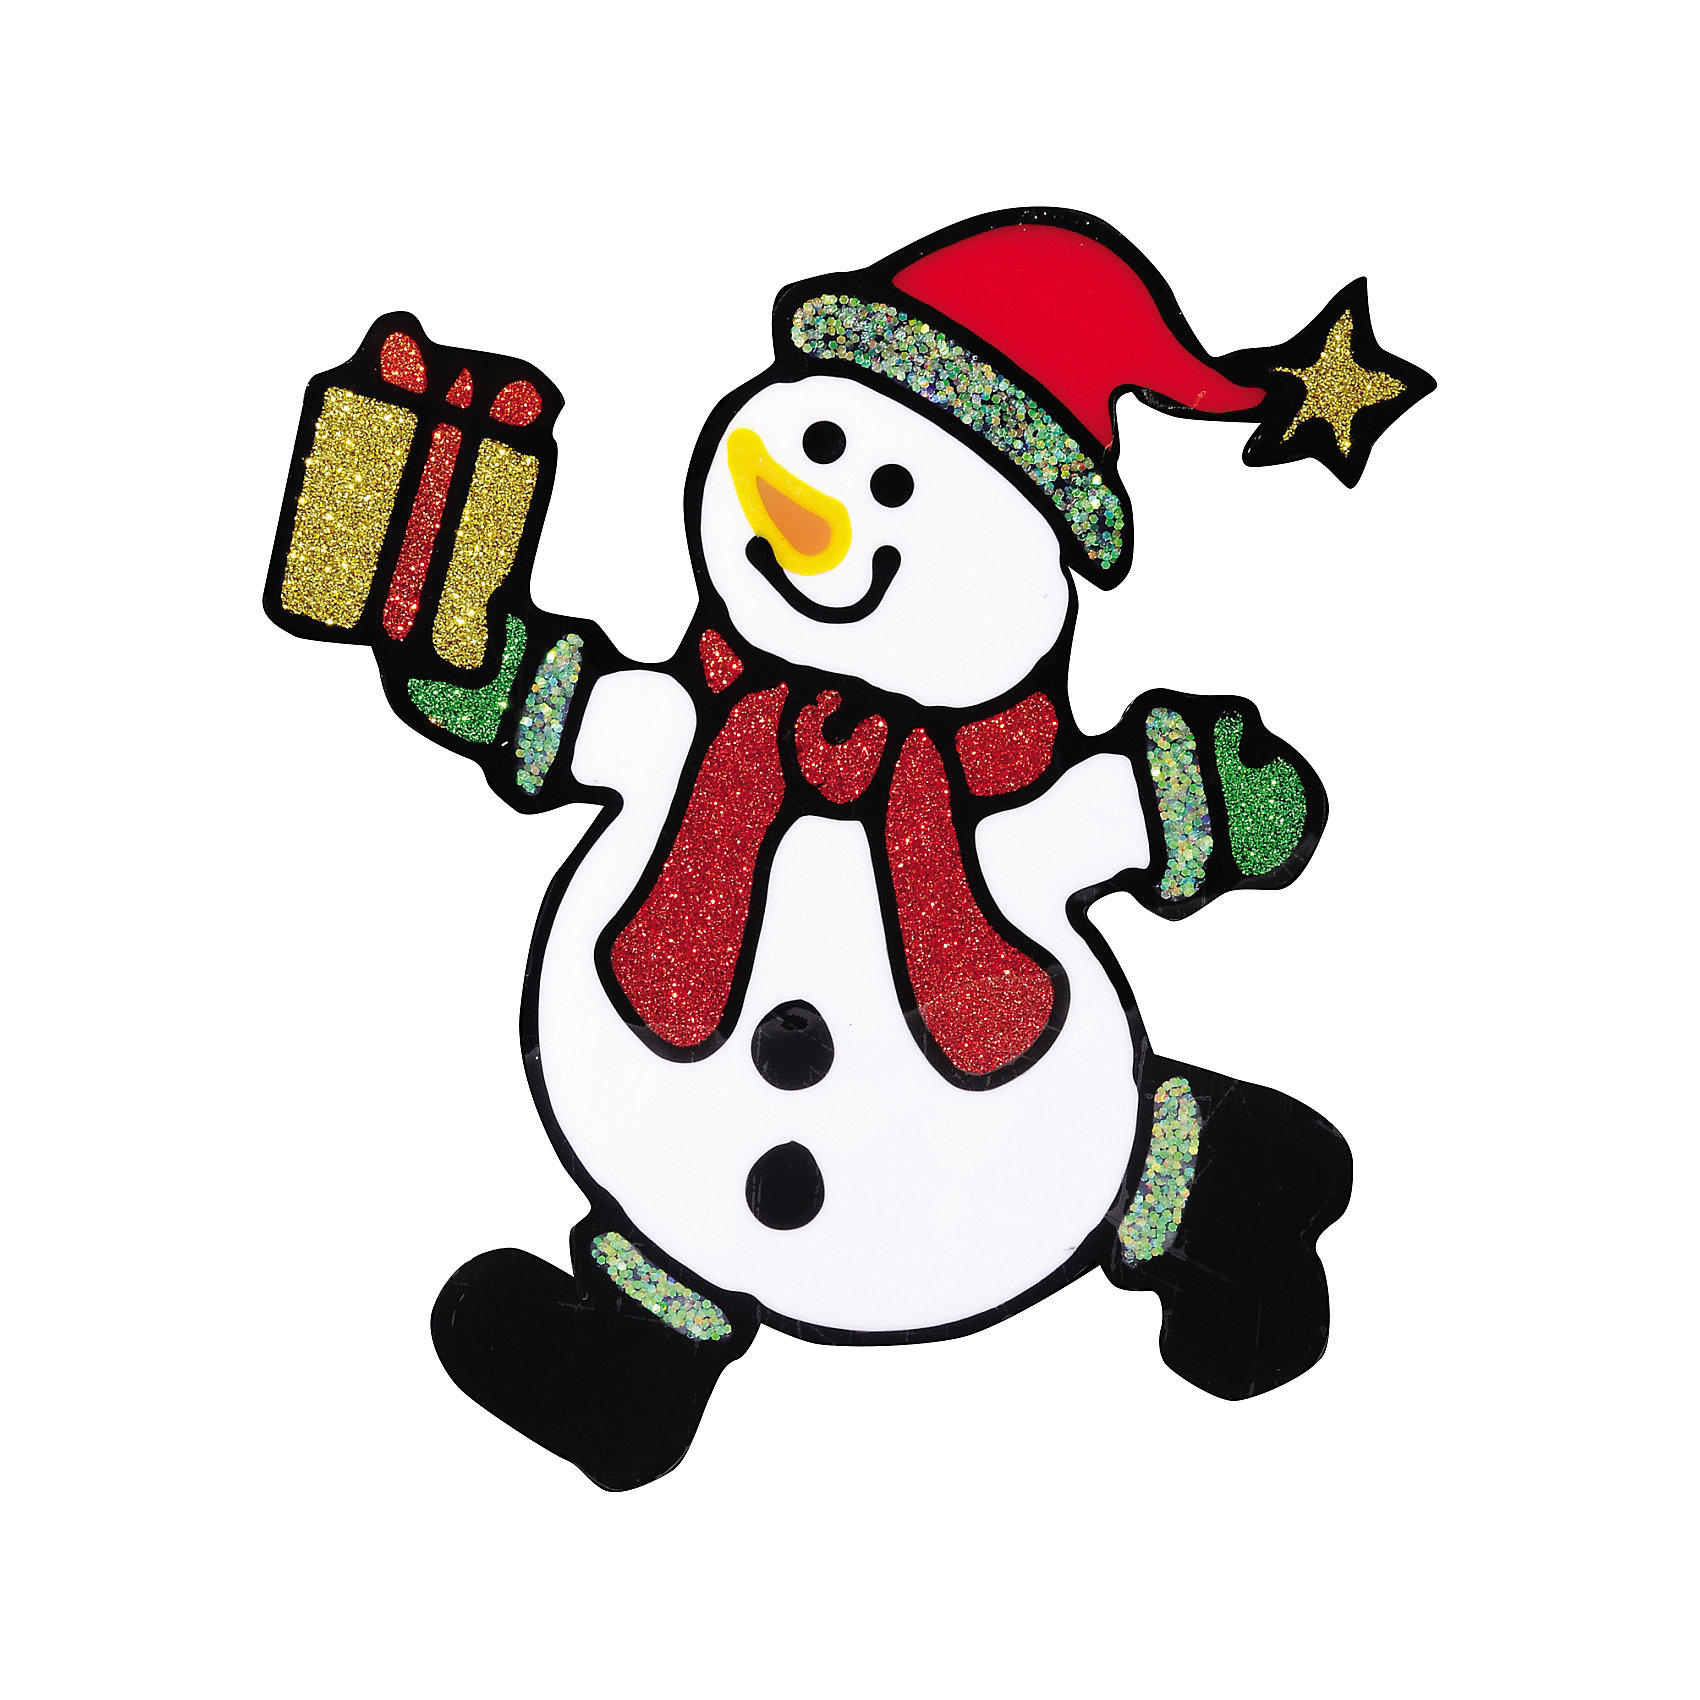 Наклейка на окно Сюрприз 14*16 смНаклейка на окно Сюрприз 14*16 см станет приятным сюрпризом для того, кому будет преподнесен этот сувенир! Ведь наклейка с забавным снеговиком, спешащим в Ваш дом, оживит любой интерьер, будет радовать глаз и поднимать настроение в праздничные дни!<br><br>Дополнительная информация:<br>-Материалы: силикон, блестки<br>-Размер в упаковке: 14х0,5х16 см<br>-Вес в упаковке: 21 г<br>-Размер: 14х16 см<br><br>Наклейка на окно Сюрприз 14*16 см можно купить в нашем магазине.<br><br>Ширина мм: 140<br>Глубина мм: 5<br>Высота мм: 160<br>Вес г: 21<br>Возраст от месяцев: 84<br>Возраст до месяцев: 2147483647<br>Пол: Унисекс<br>Возраст: Детский<br>SKU: 4286726